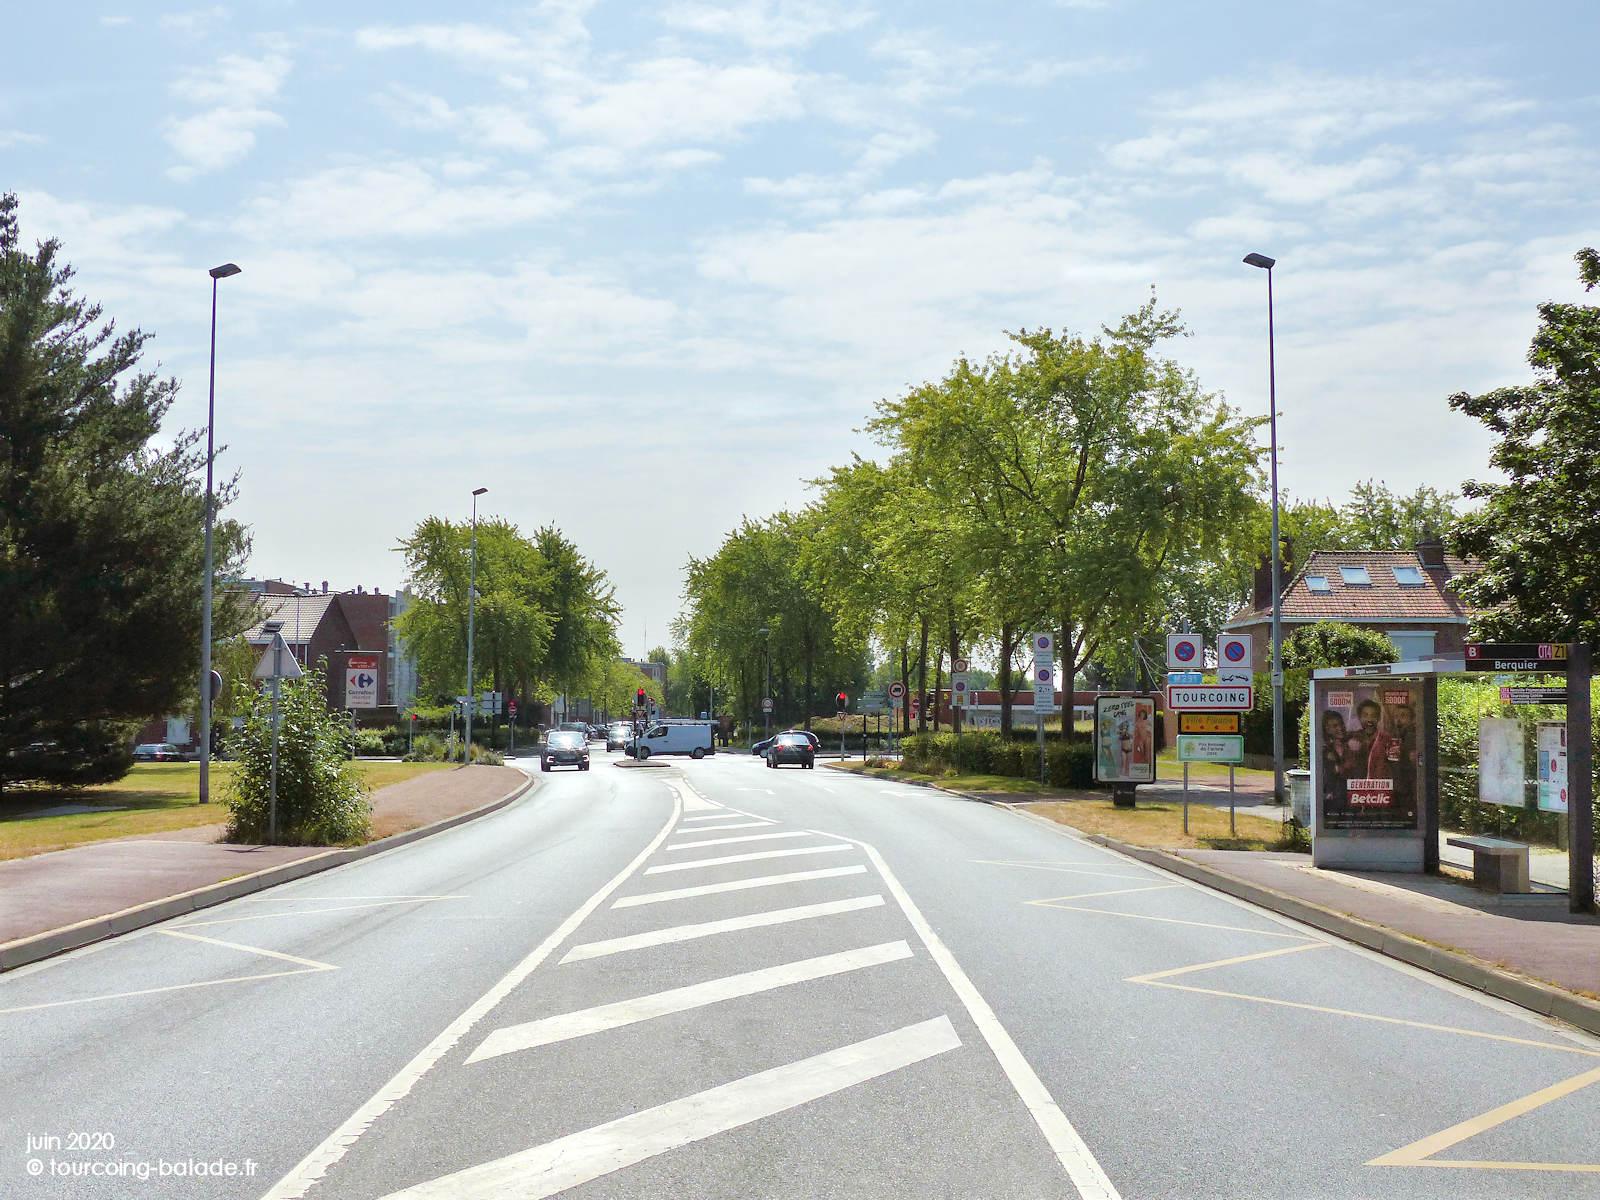 Rue de la Briqueterie, Berquier, Neuville-en-Ferrain Tourcoing, 2020